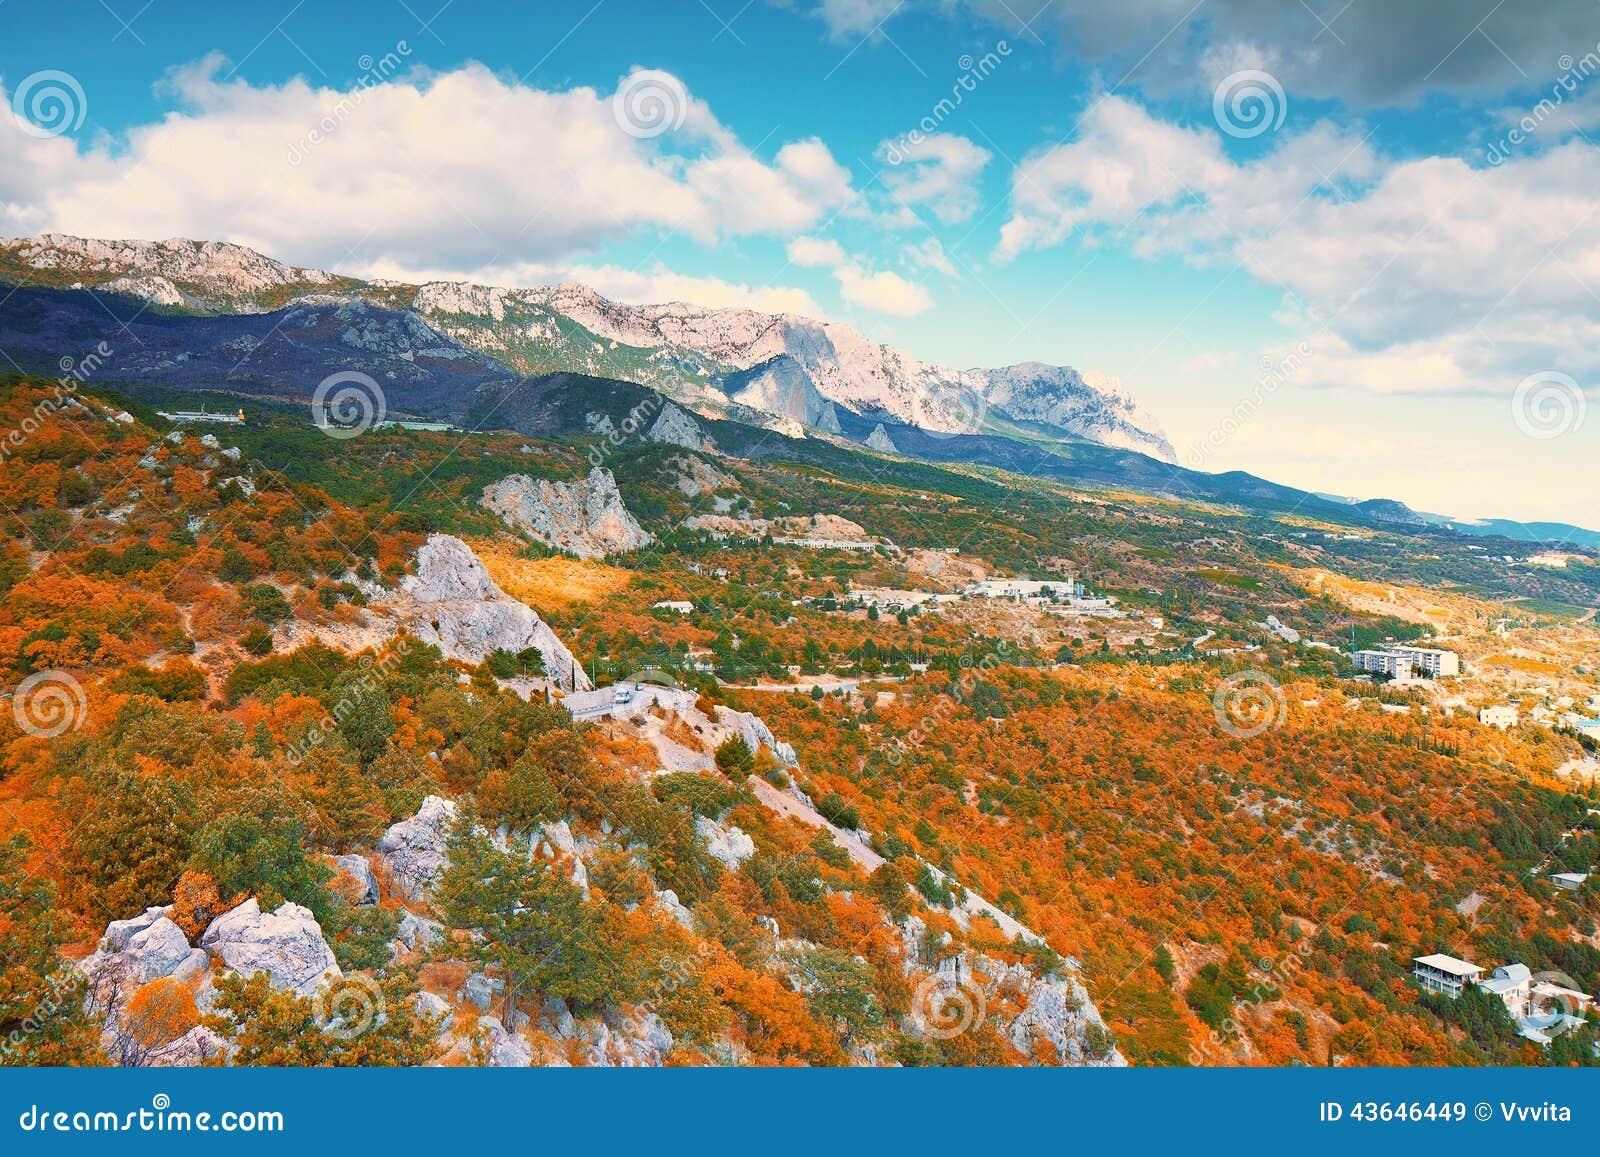 Красивый красочный фланк осени холма